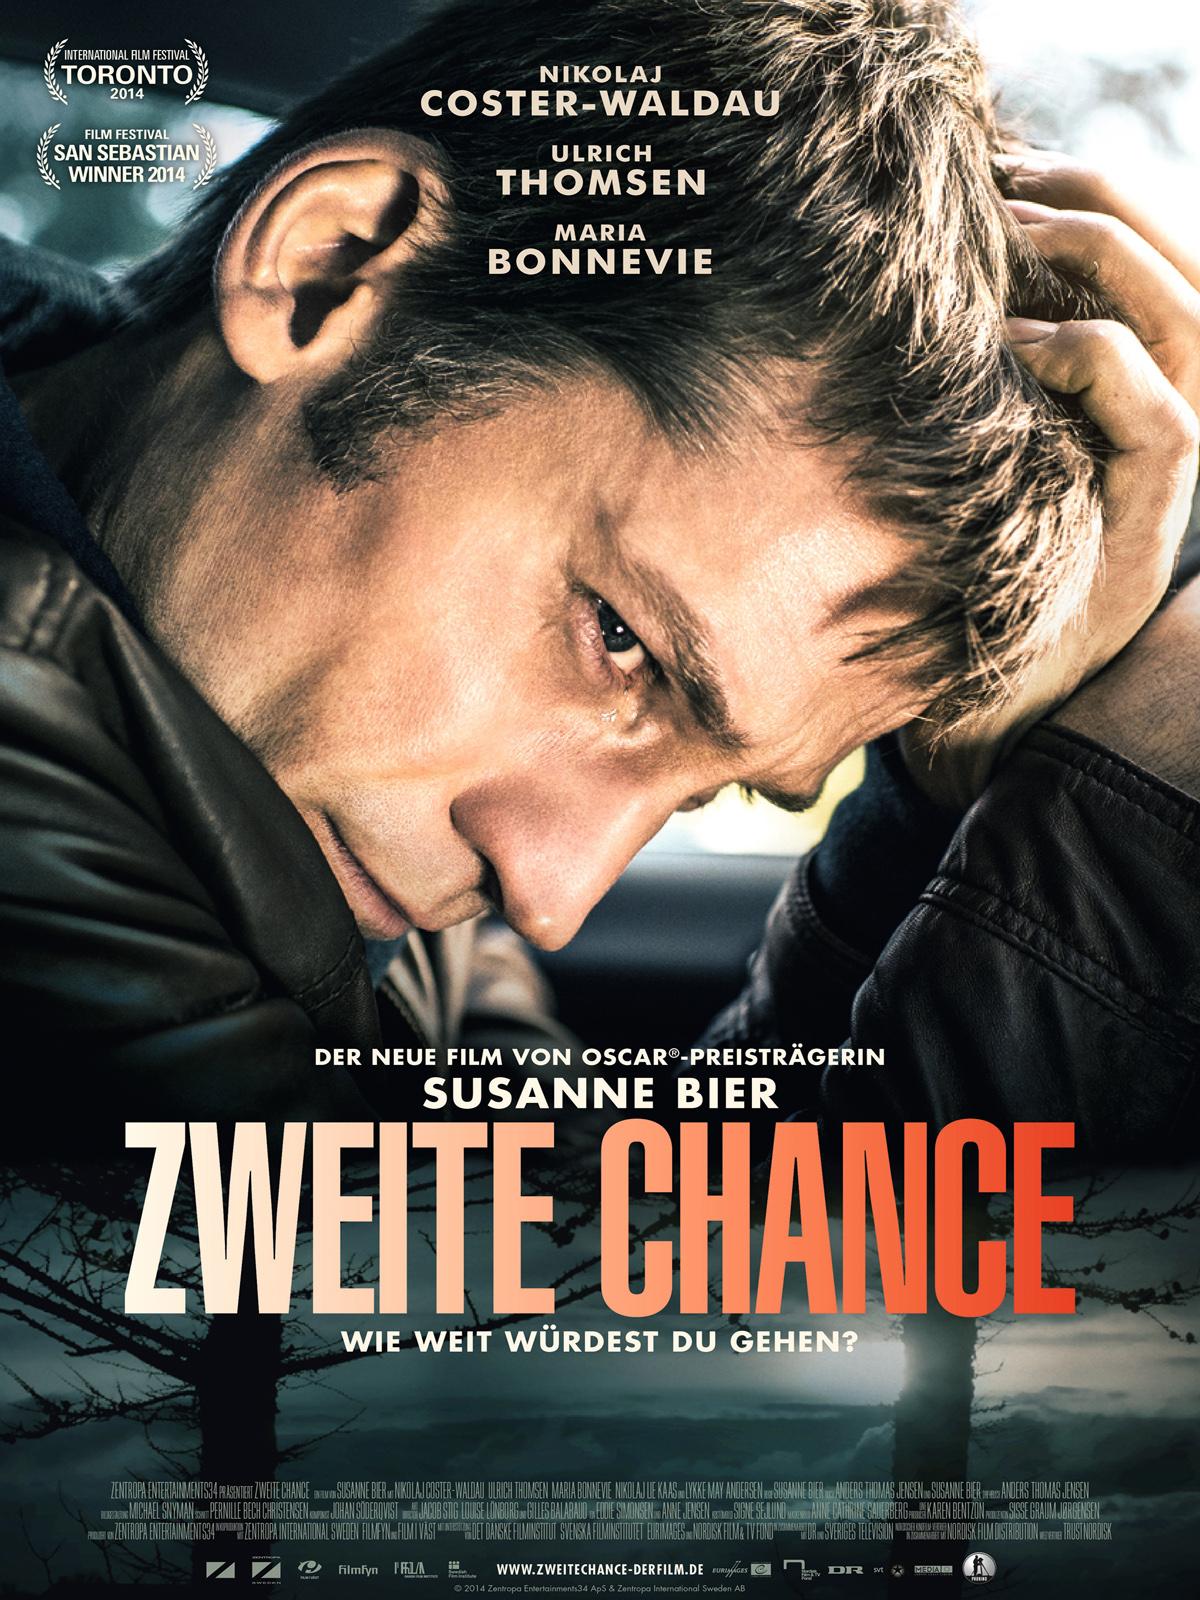 Zweite Chance - Die Filmstarts-Kritik auf FILMSTARTS.de  Zweite Chance -...